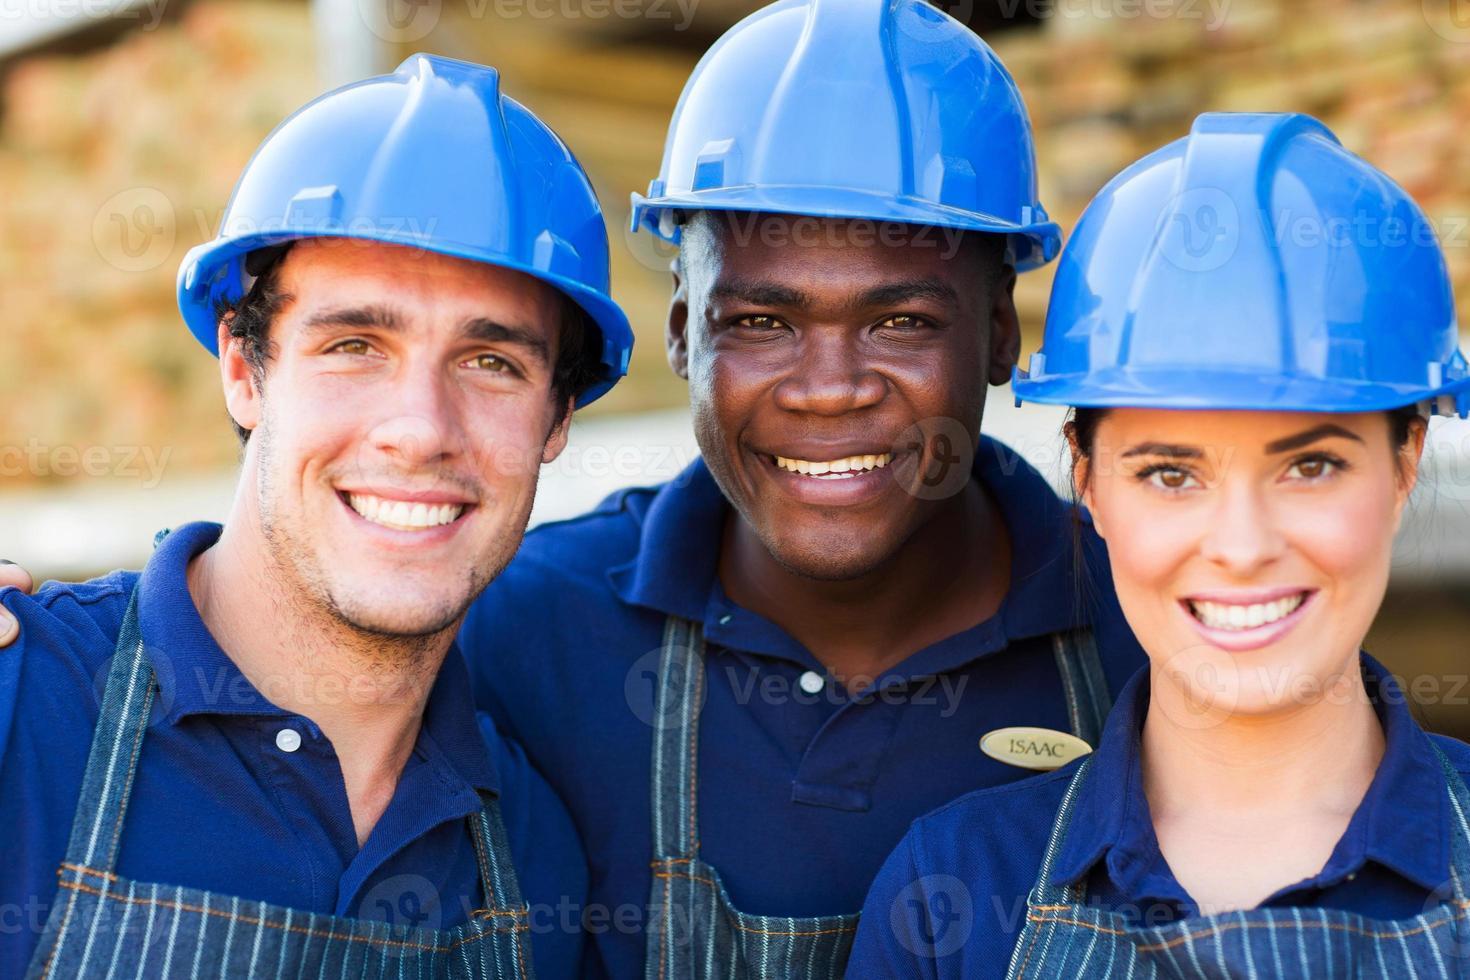 Baumarktarbeiter foto